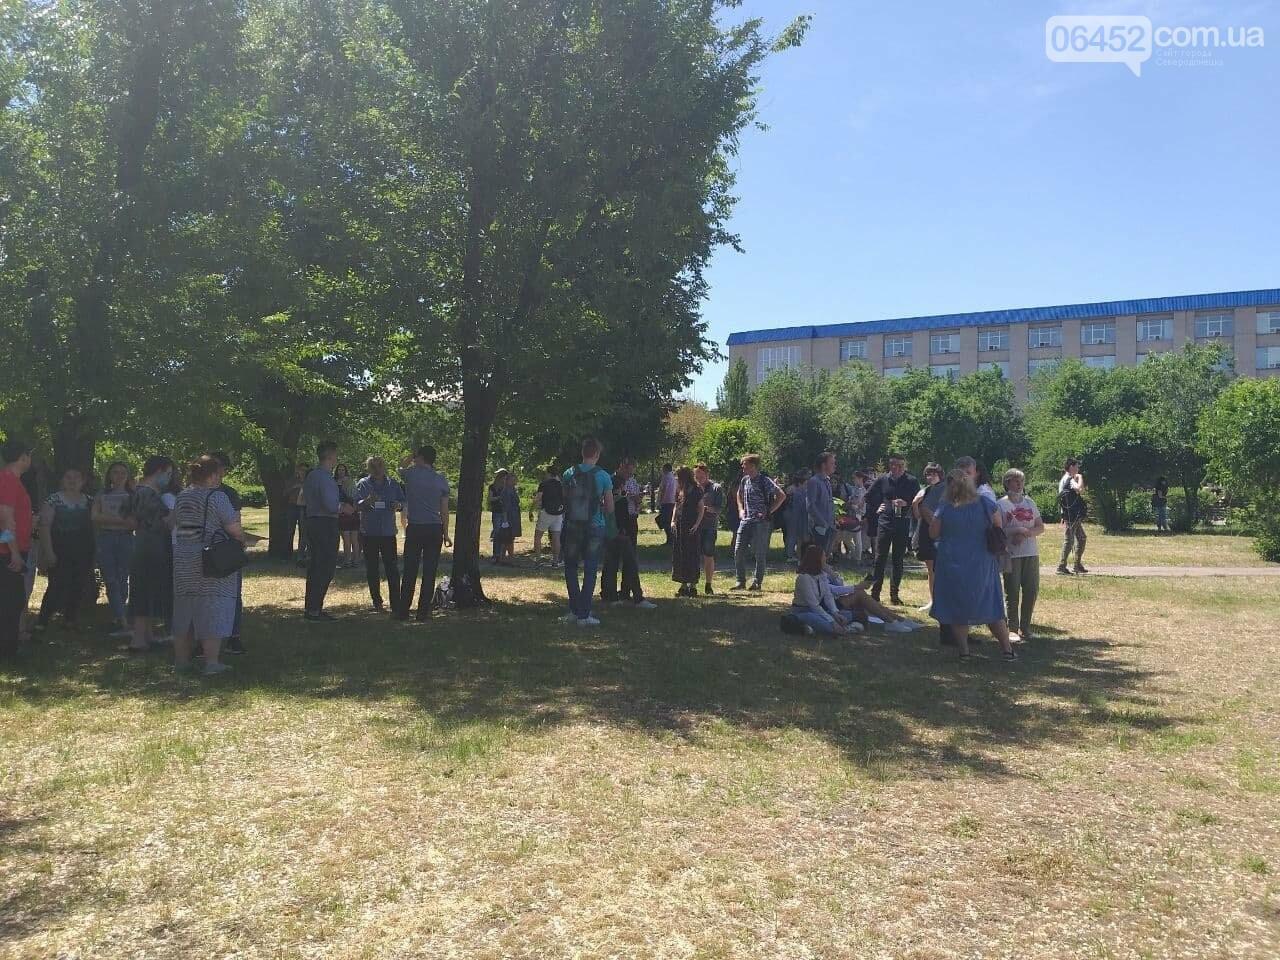 В Северодонецке неизвестный сообщил о минировании корпусов двух университетов (фото), фото-20